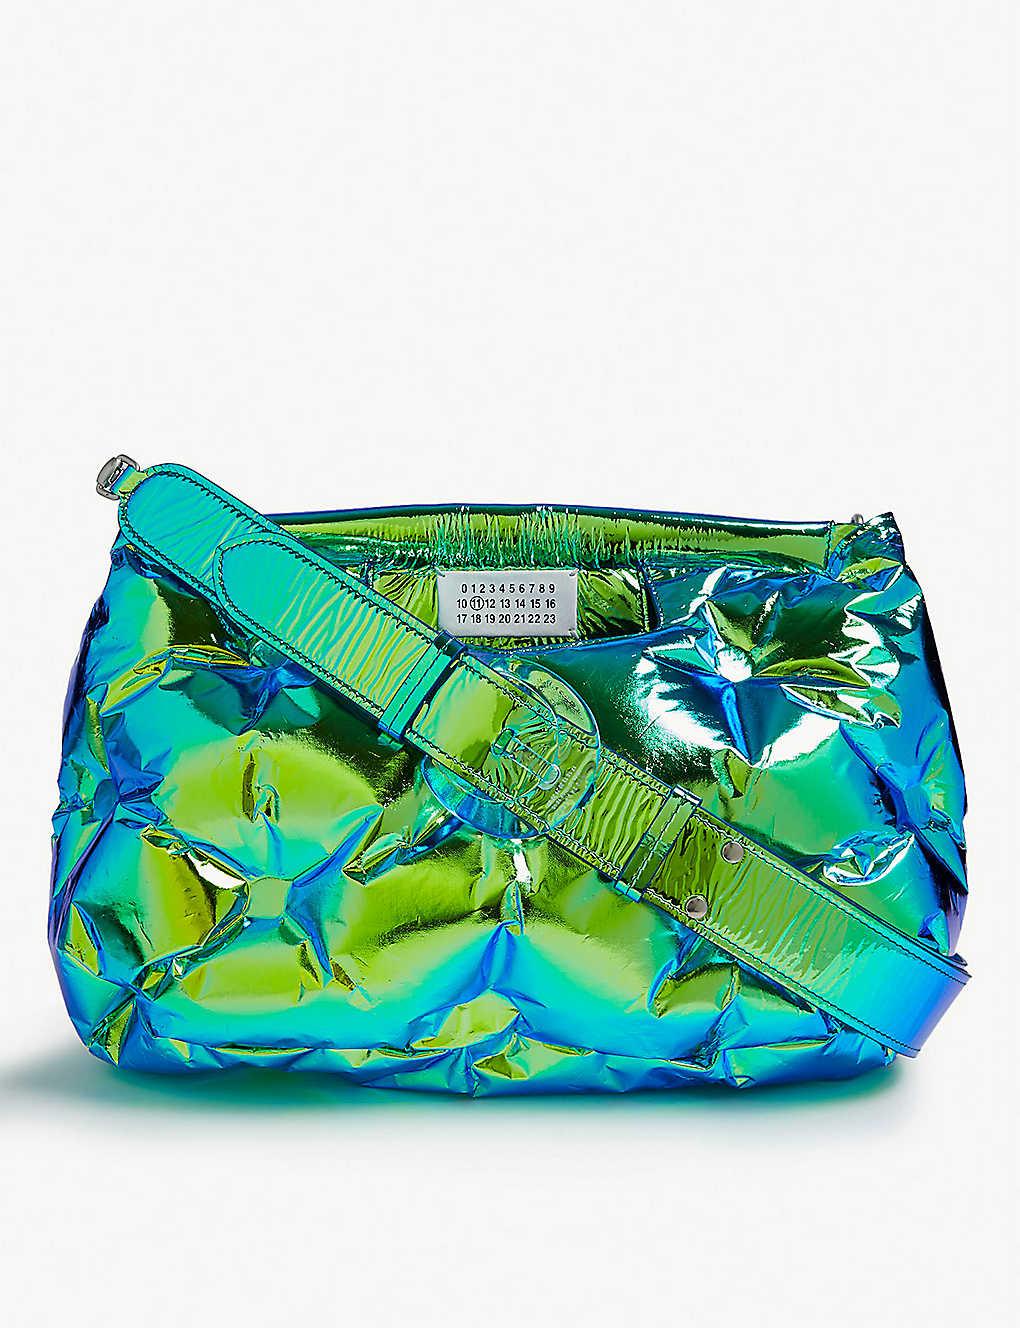 0aa3e131ba56 MAISON MARGIELA - Iridescent Glam Slam bag | Selfridges.com